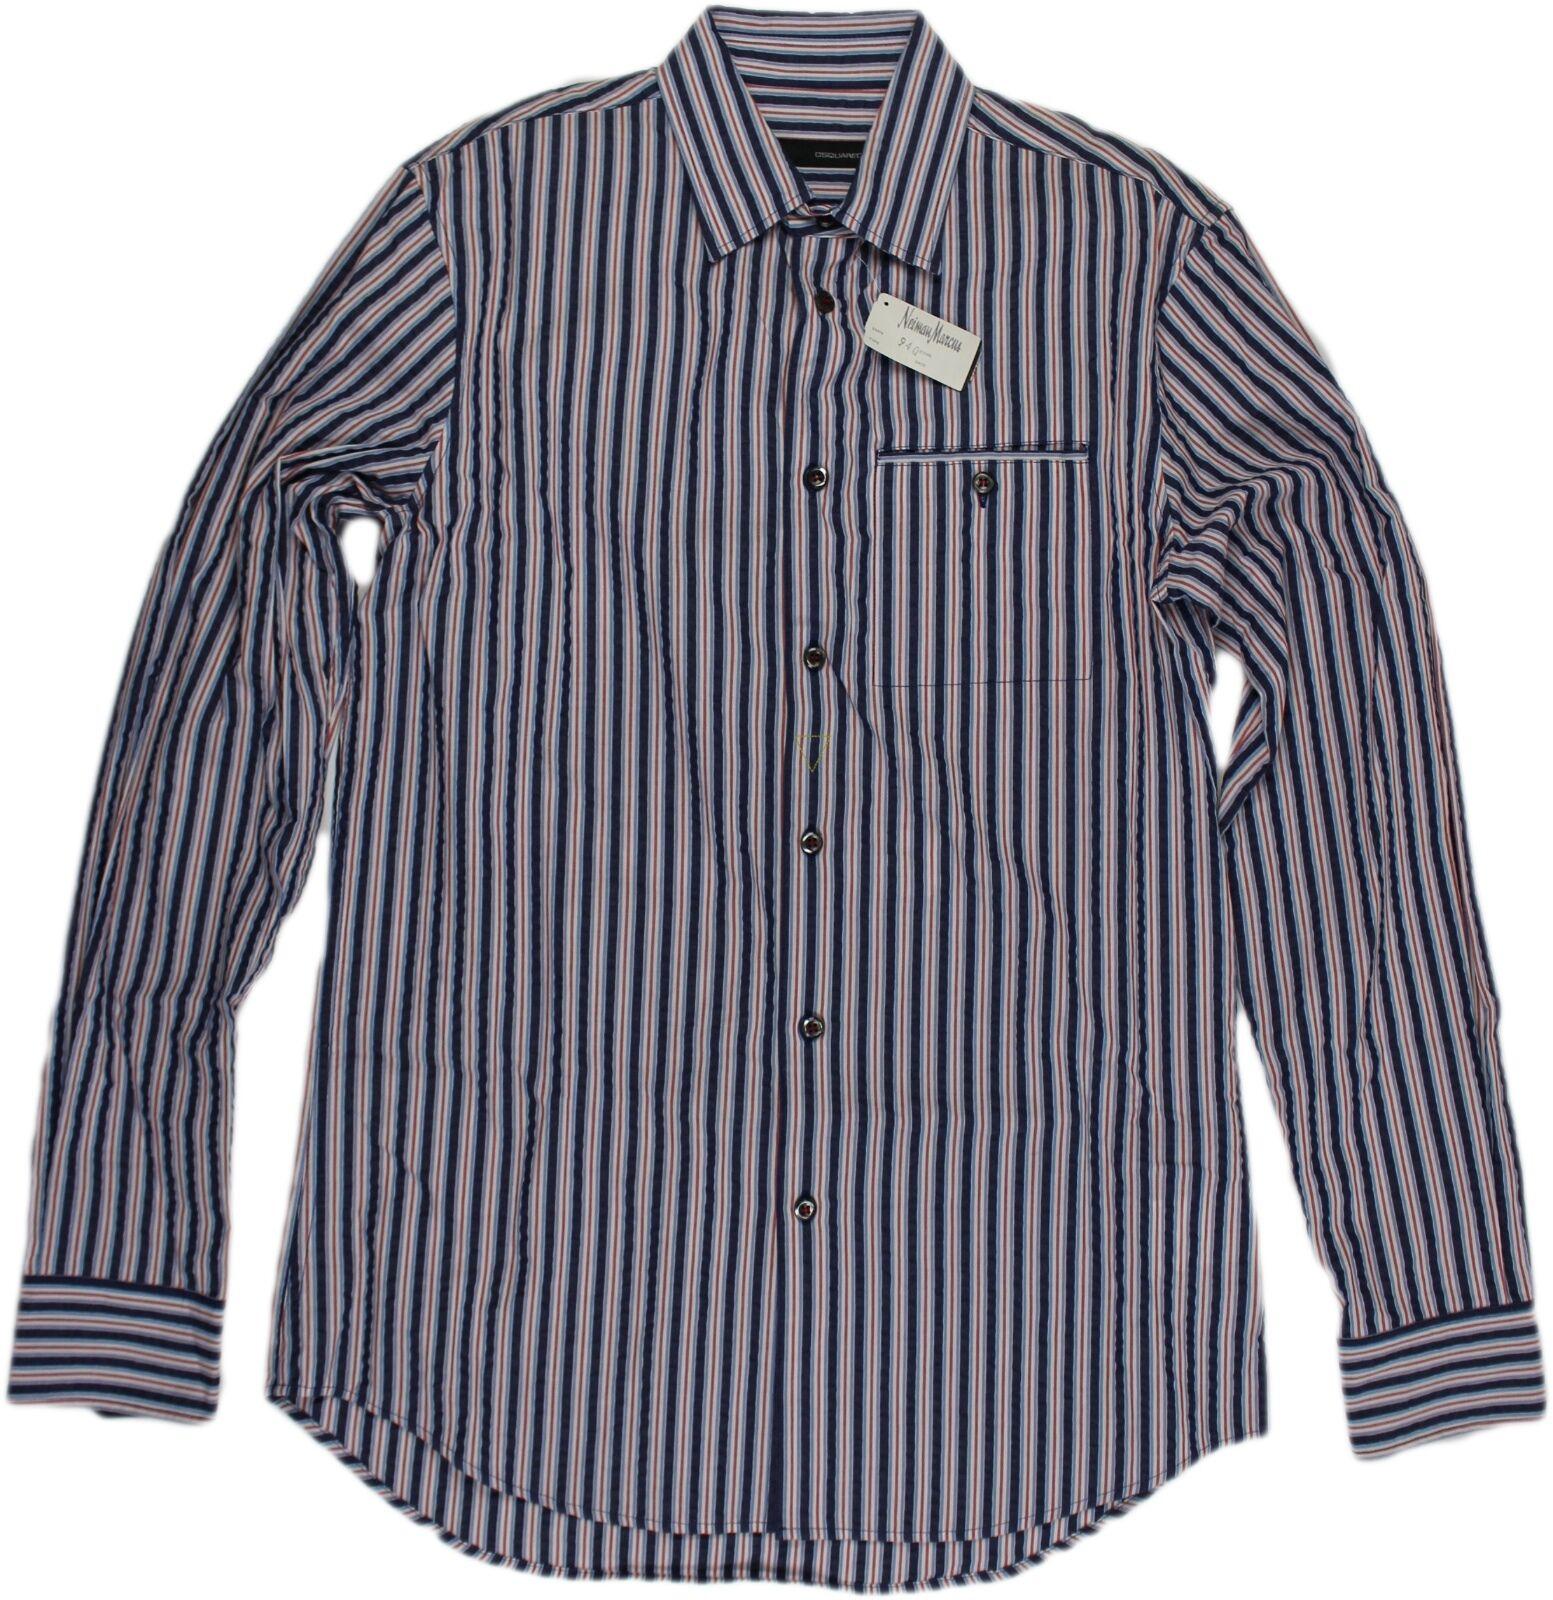 D SQUArot rot, Weiß & Blau STRIPED herren hemd-Größe 48 38US-ITALY Retail   545